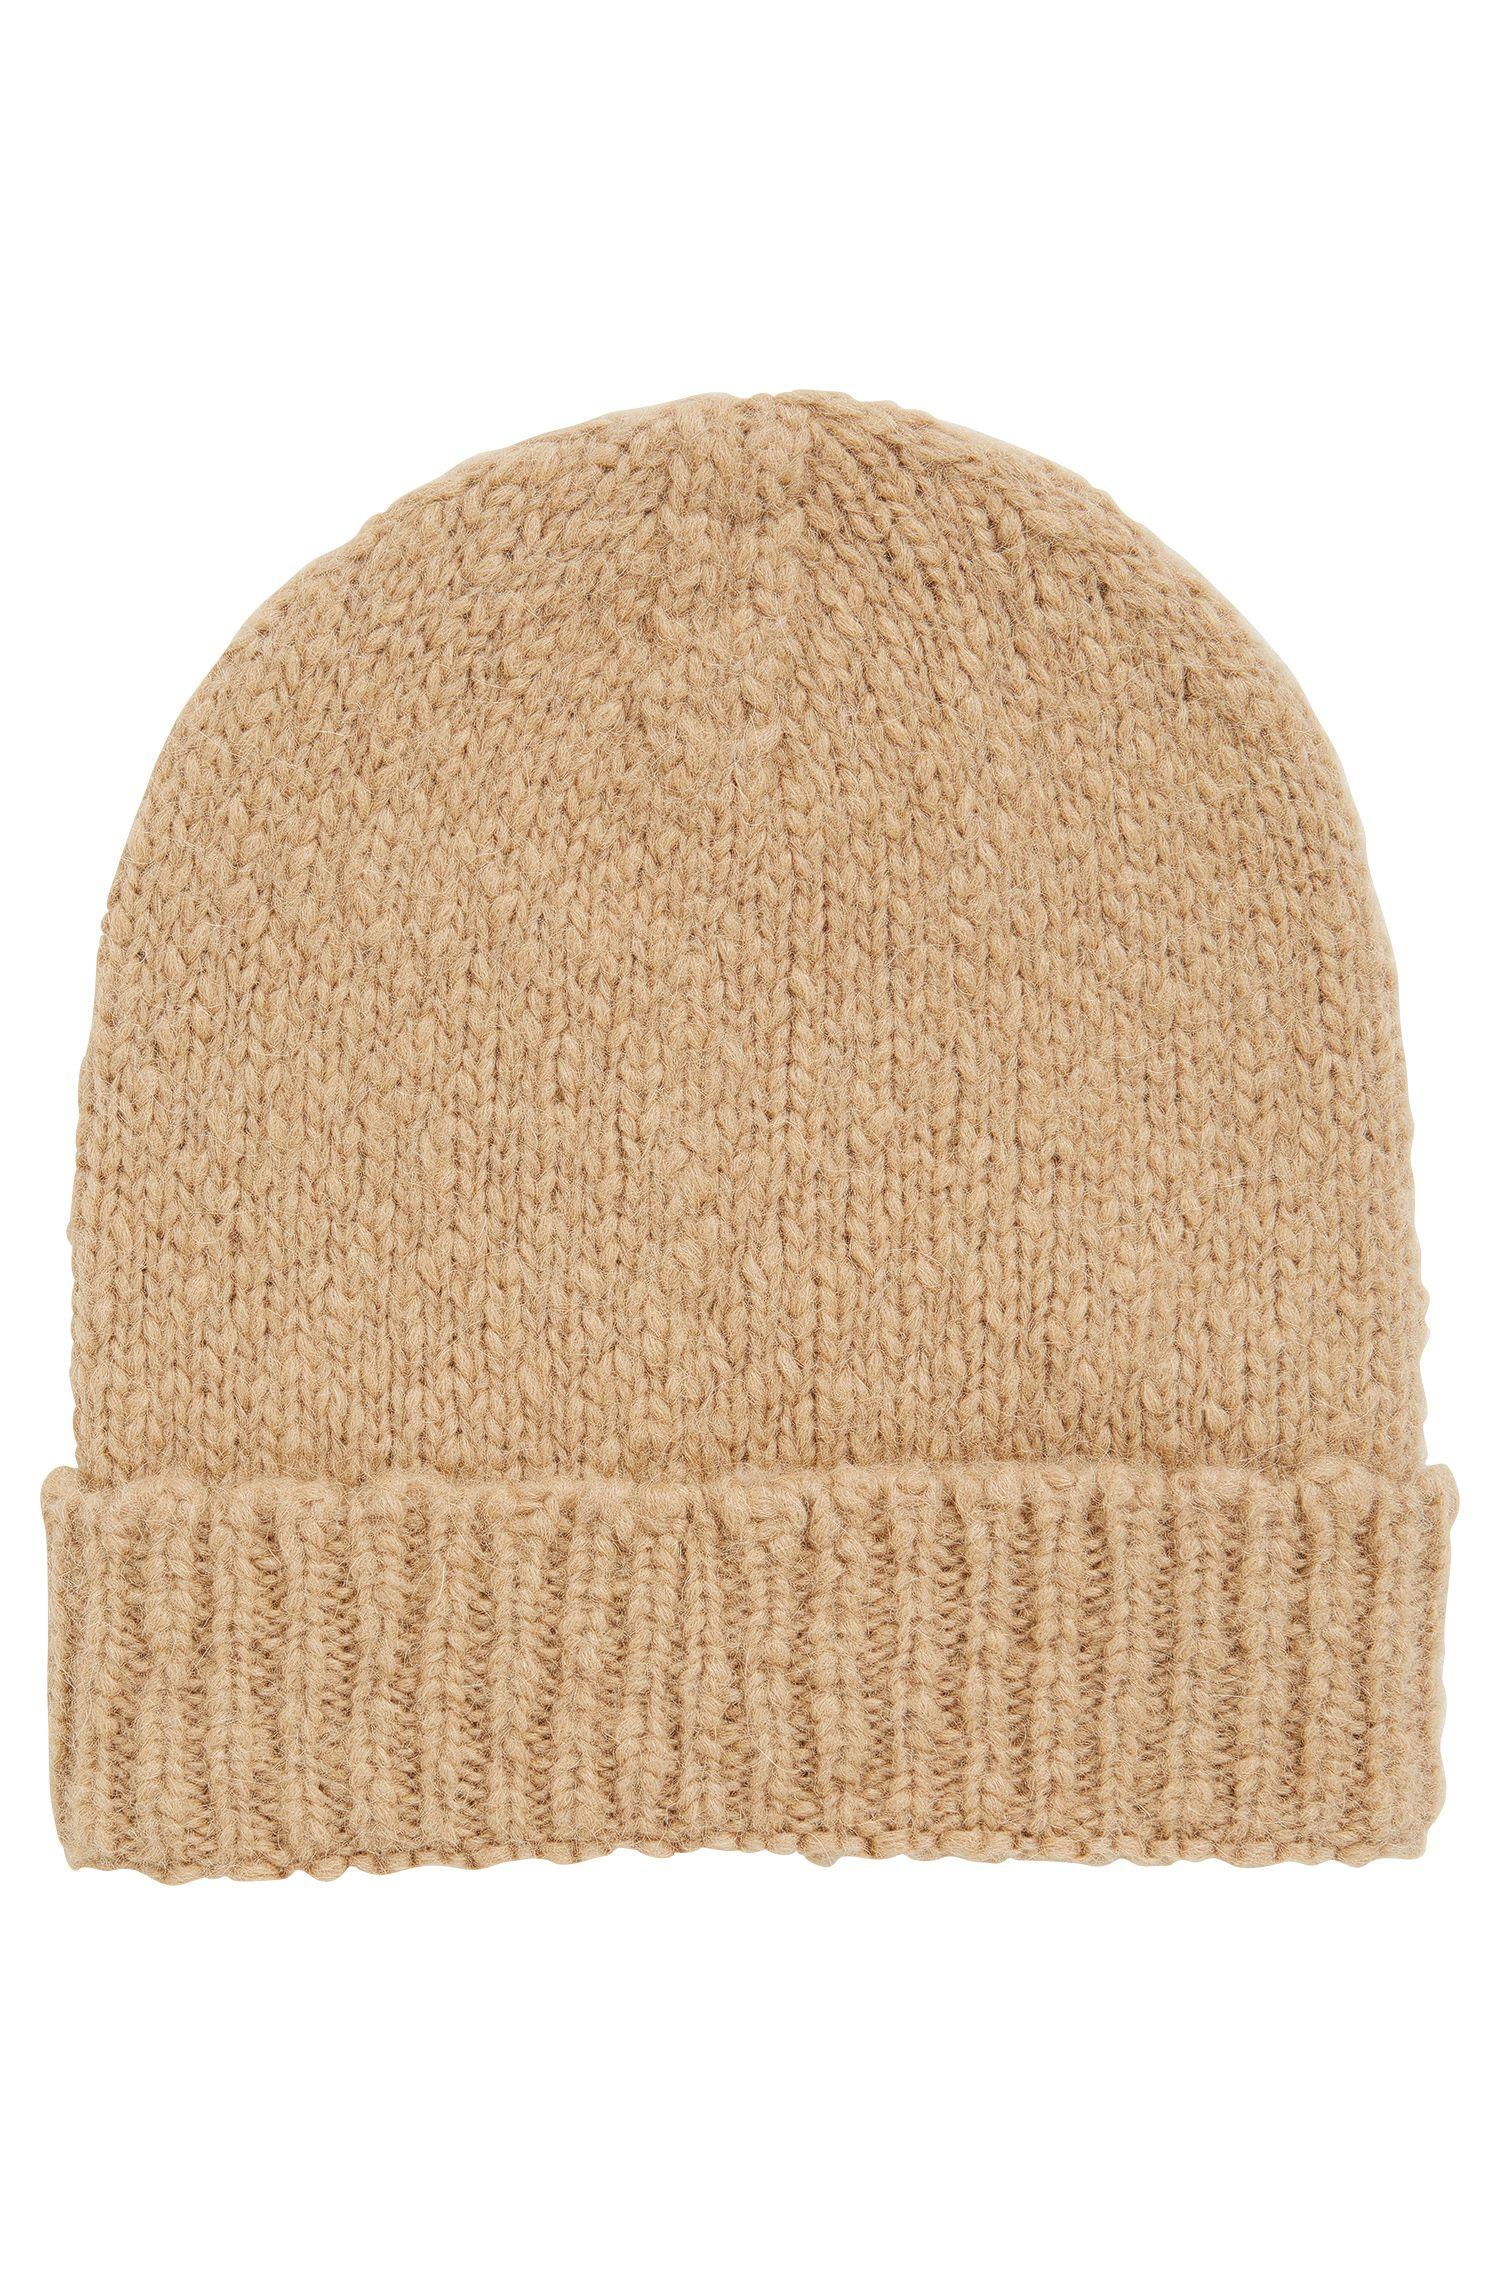 Zuccotto in misto lana di alpaca